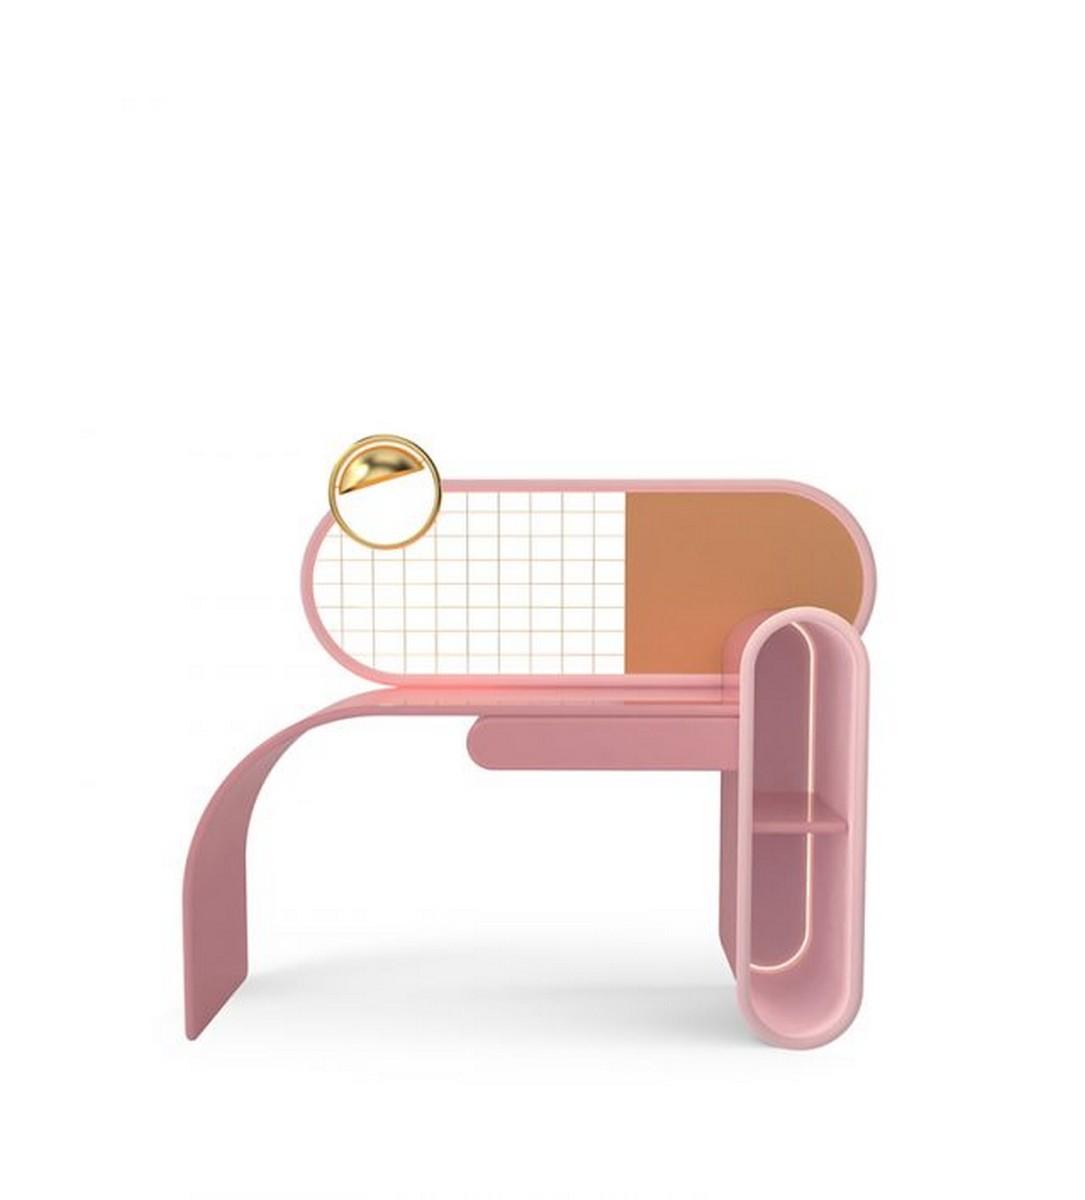 Diseño de Interiores: Divertidas y con colores para un proyecto lujuoso diseño de interiores Diseño de Interiores: Divertidas y con colores para un proyecto lujuoso bubble gum desk circu magical furniture 1 640x708 1